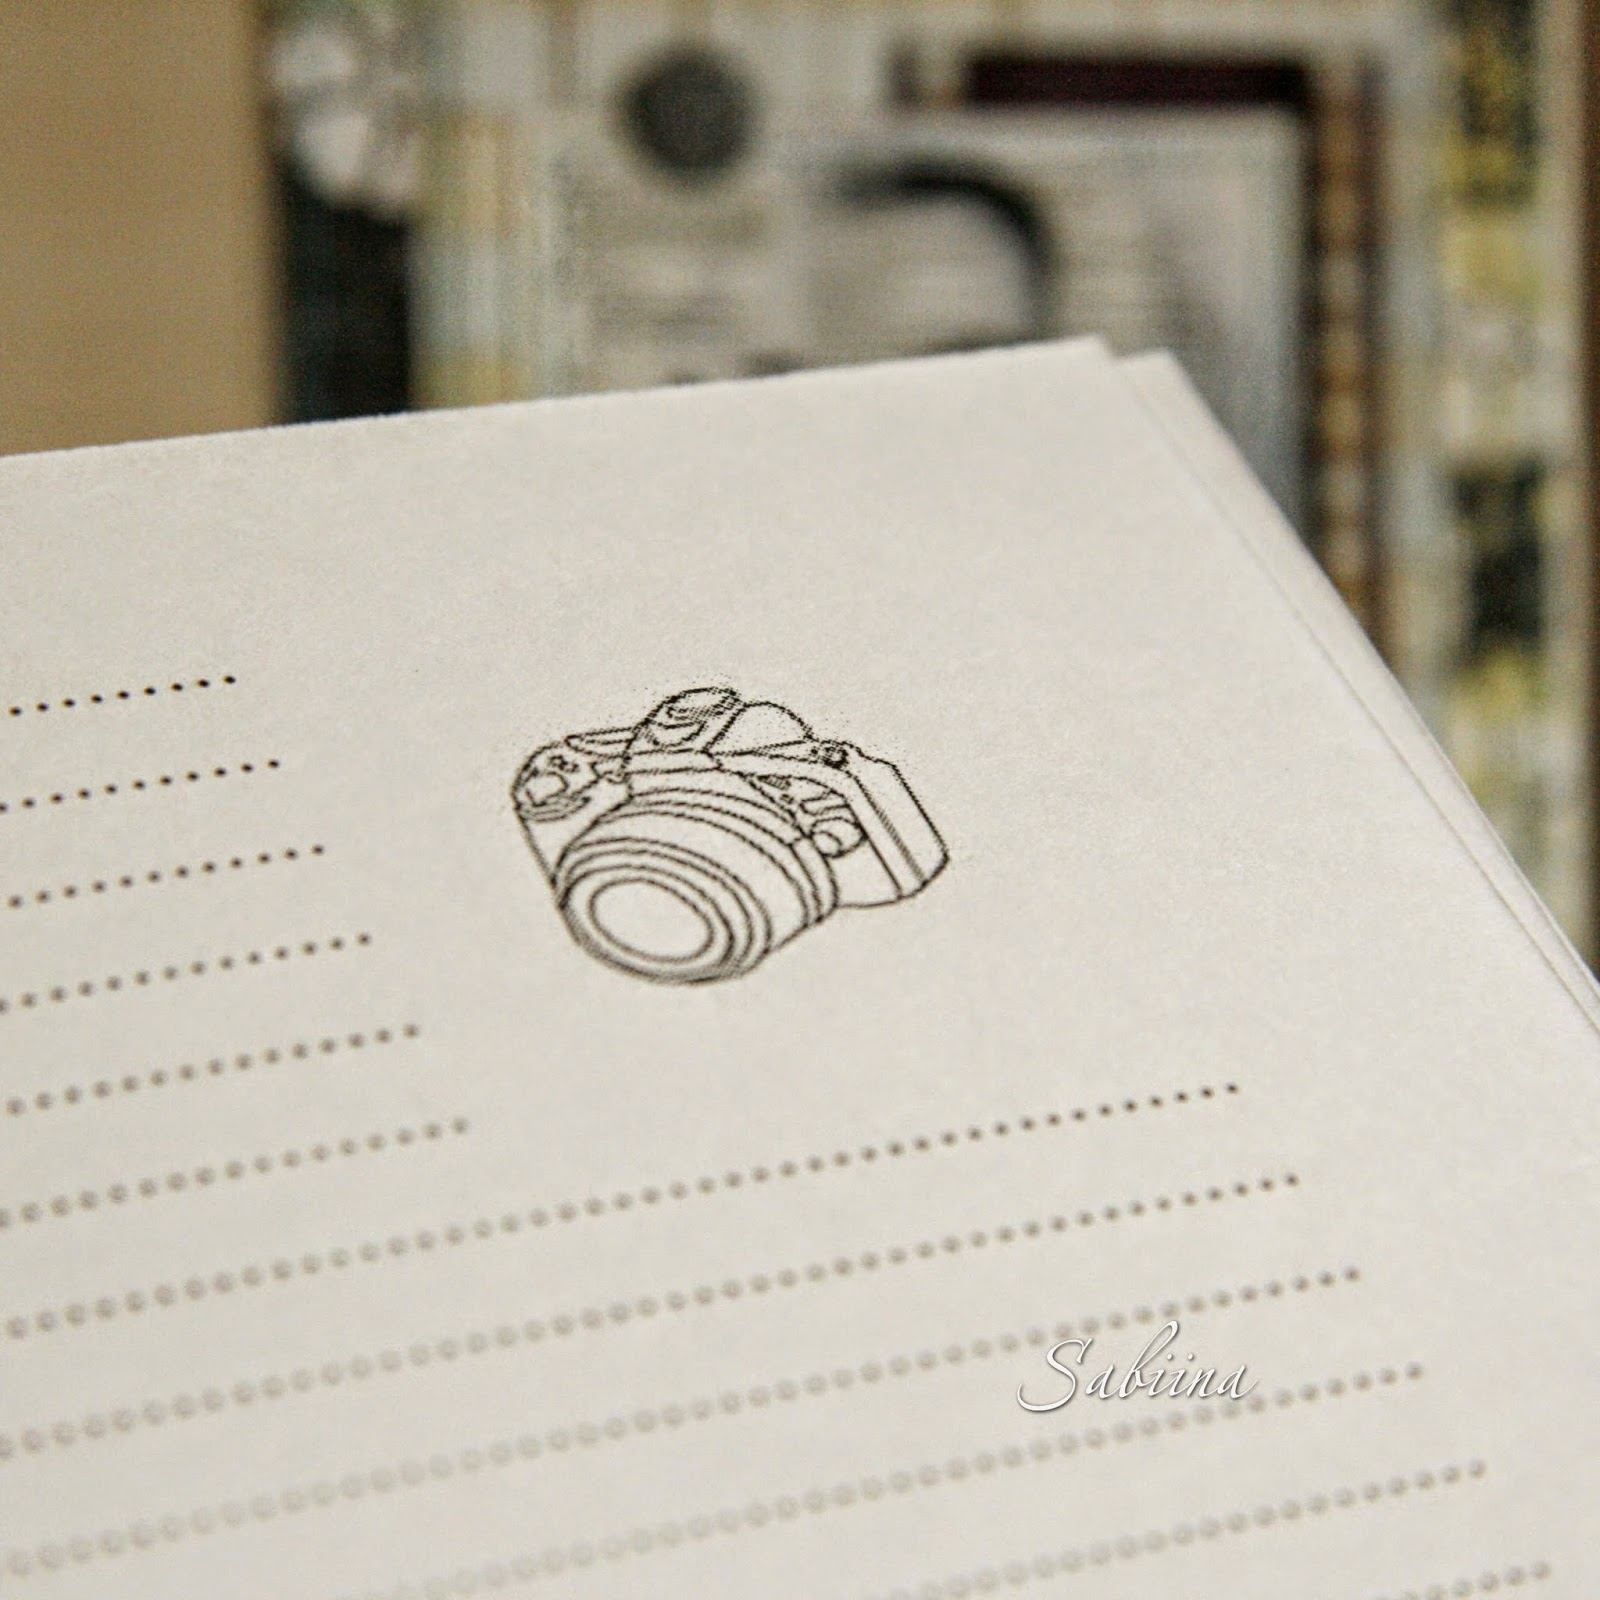 Блокнот для фотографа, ежедневник, блокнот, ручная работа, блокнот своими руками, ежедневник своими руками, блокнот ручной работы, ежедневник ручной работы, блокнот hand made